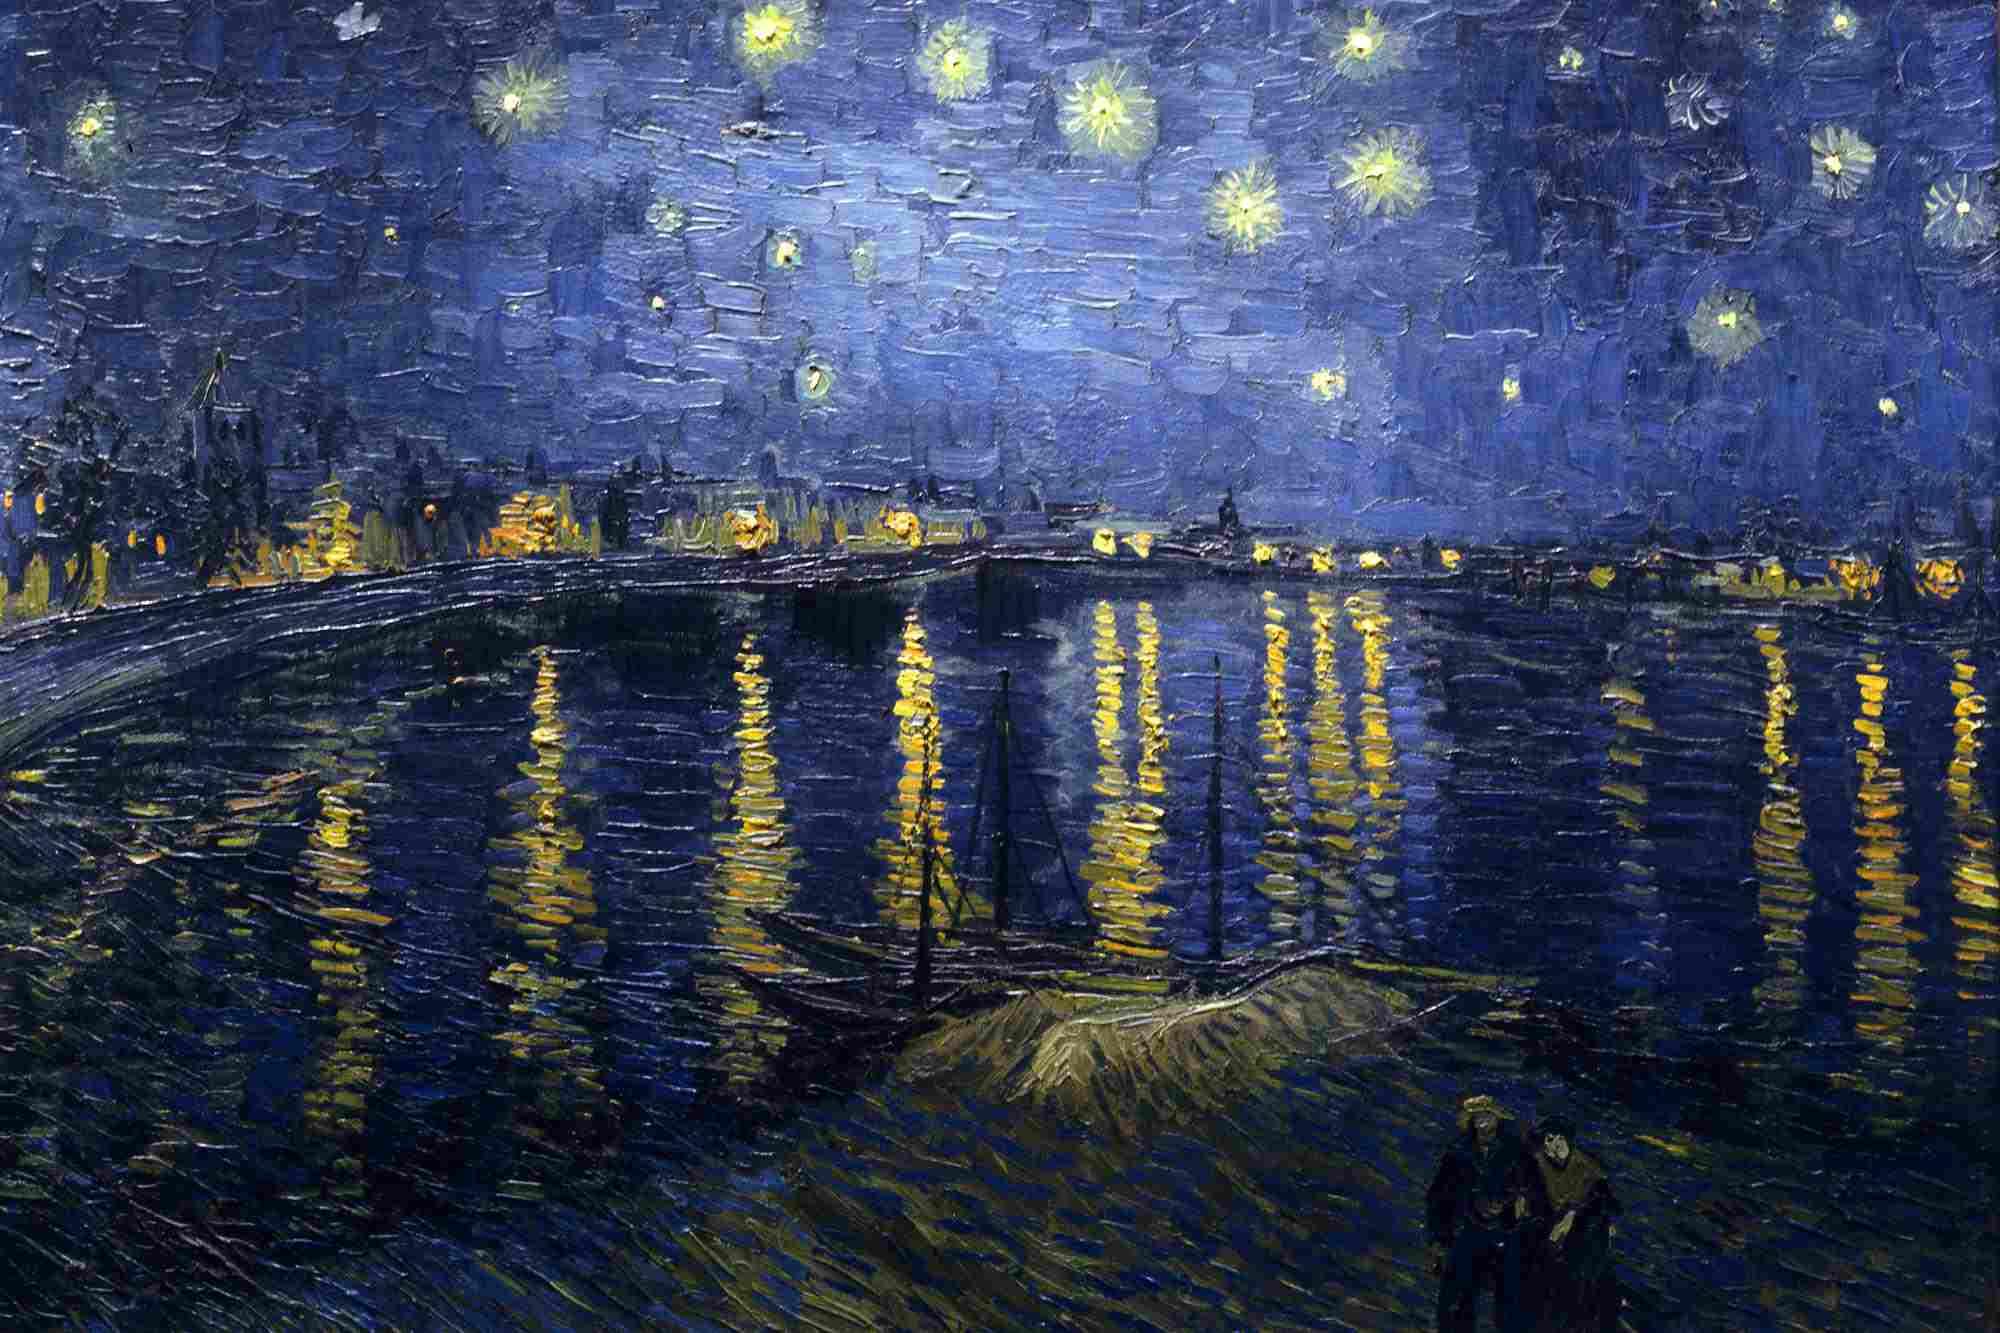 Vincent van Gogh, Noche estrellada sobre el Ródano